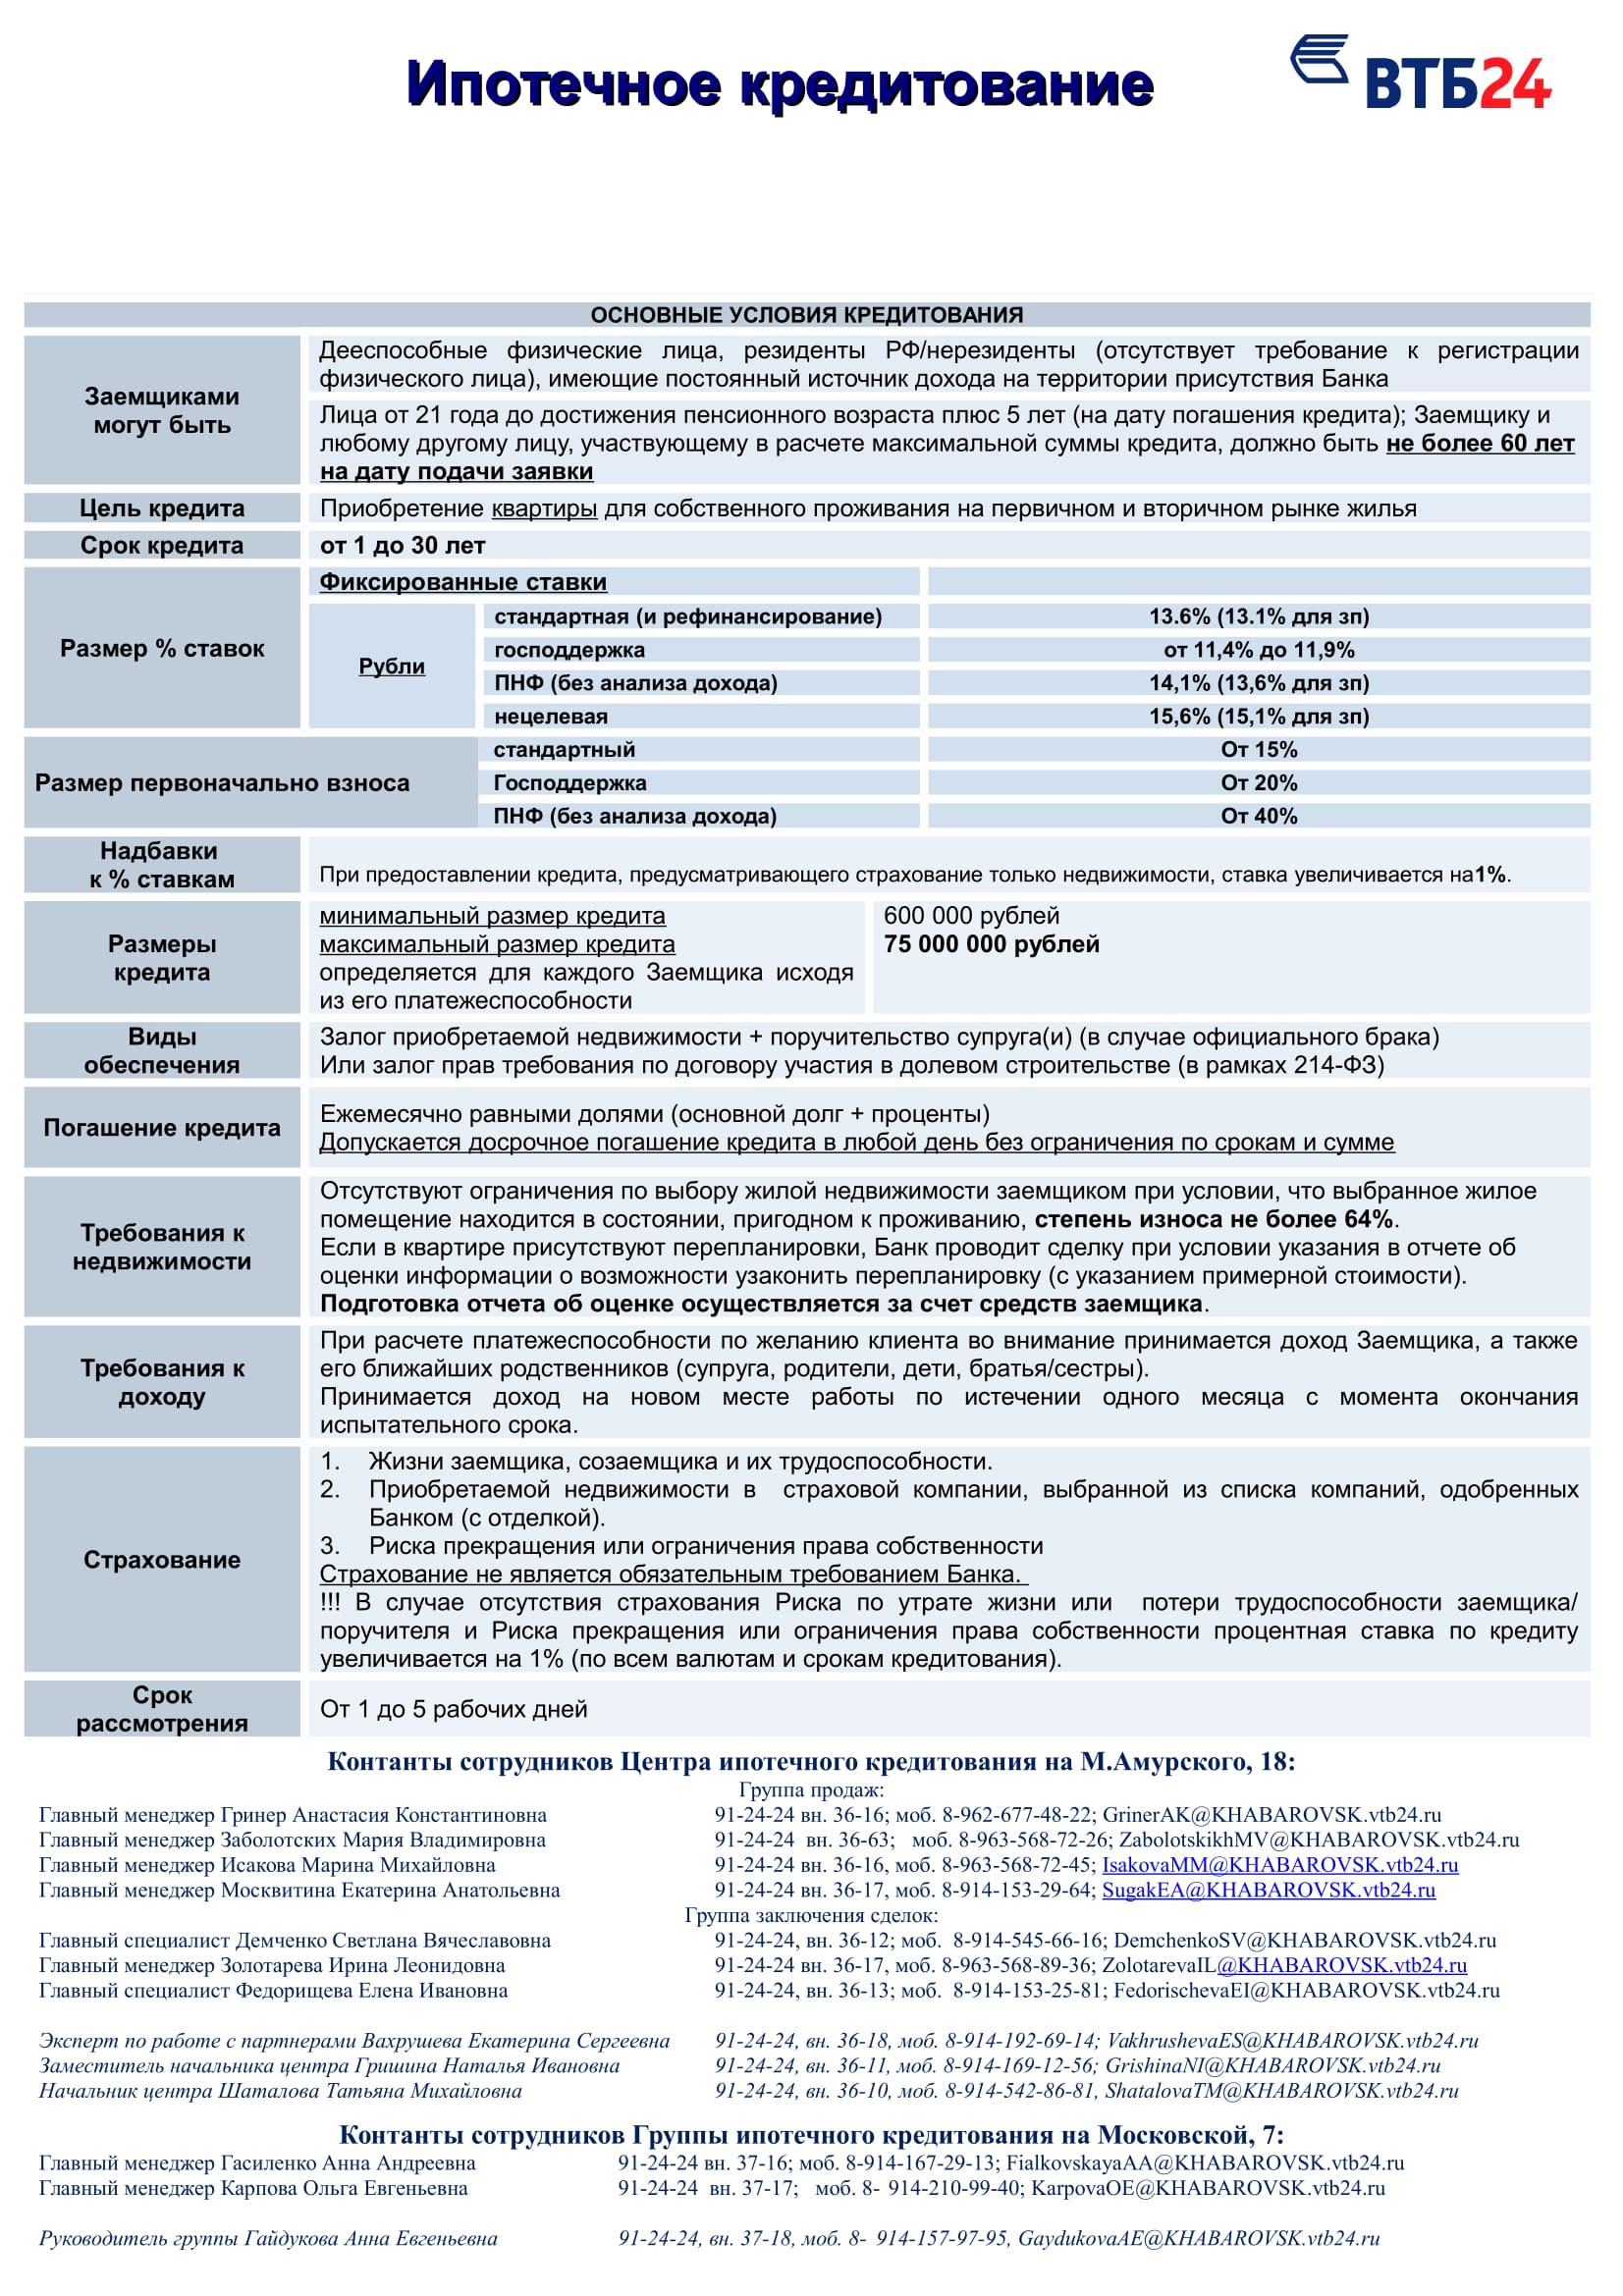 Калькулятор досрочного погашения кредита ВТБ 24 98